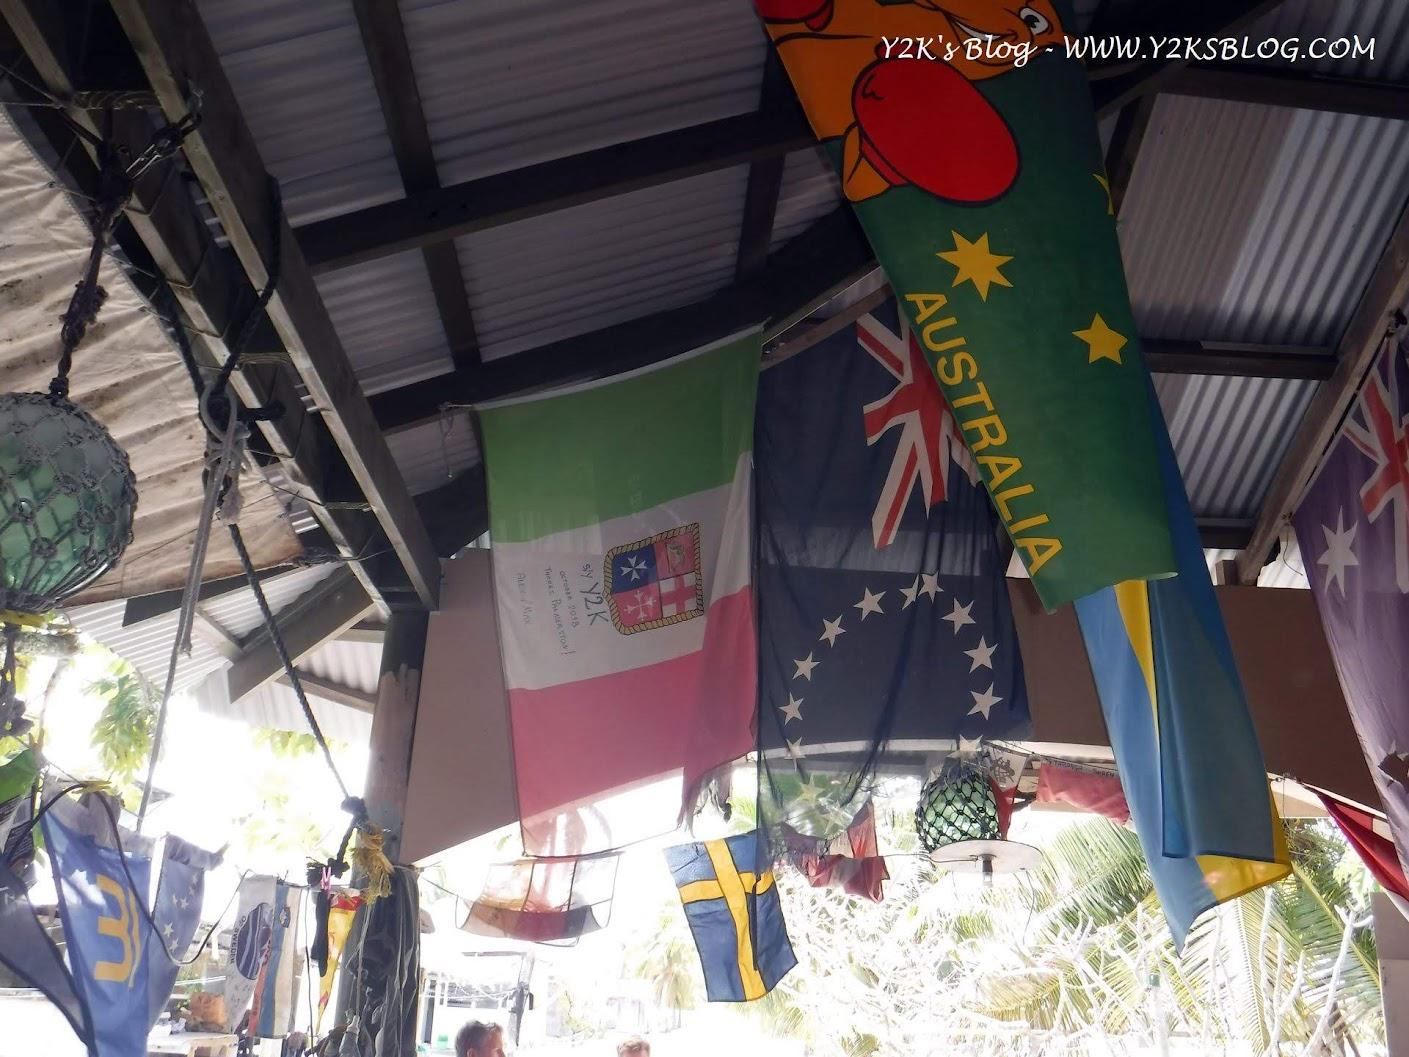 Il tricolore di Y2K - Palmerston